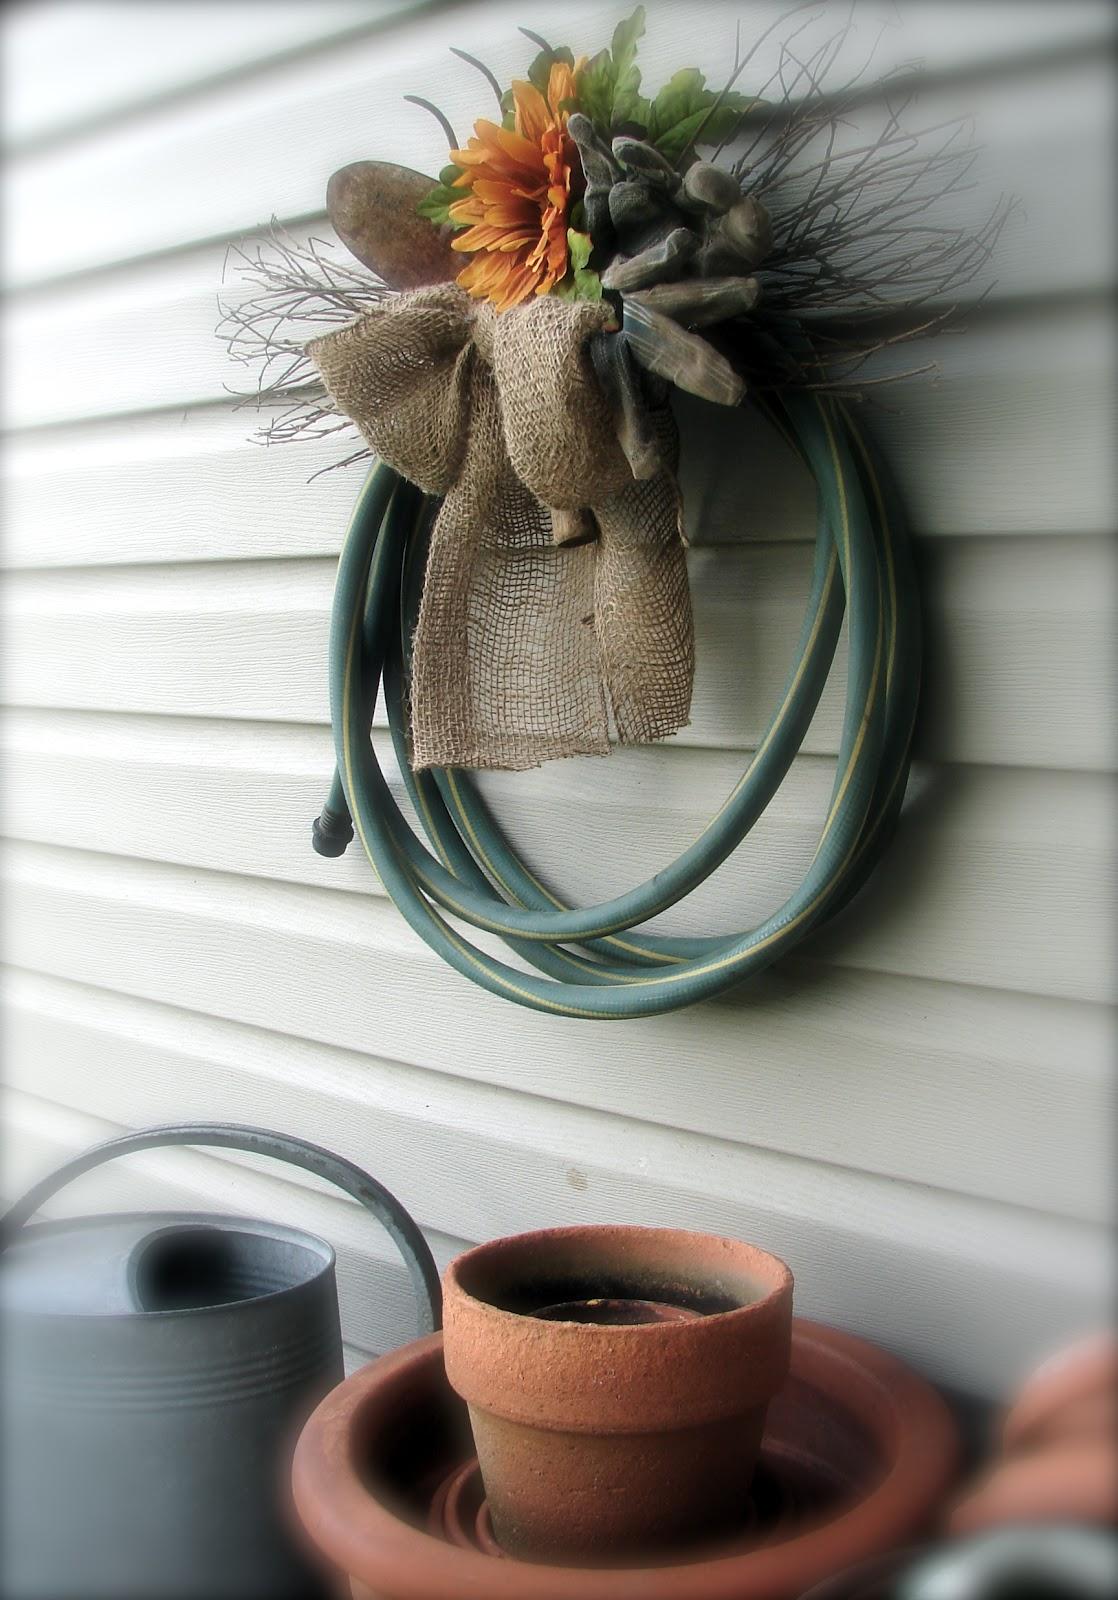 Water Hose Wreath my Garden Hose Wreath Will